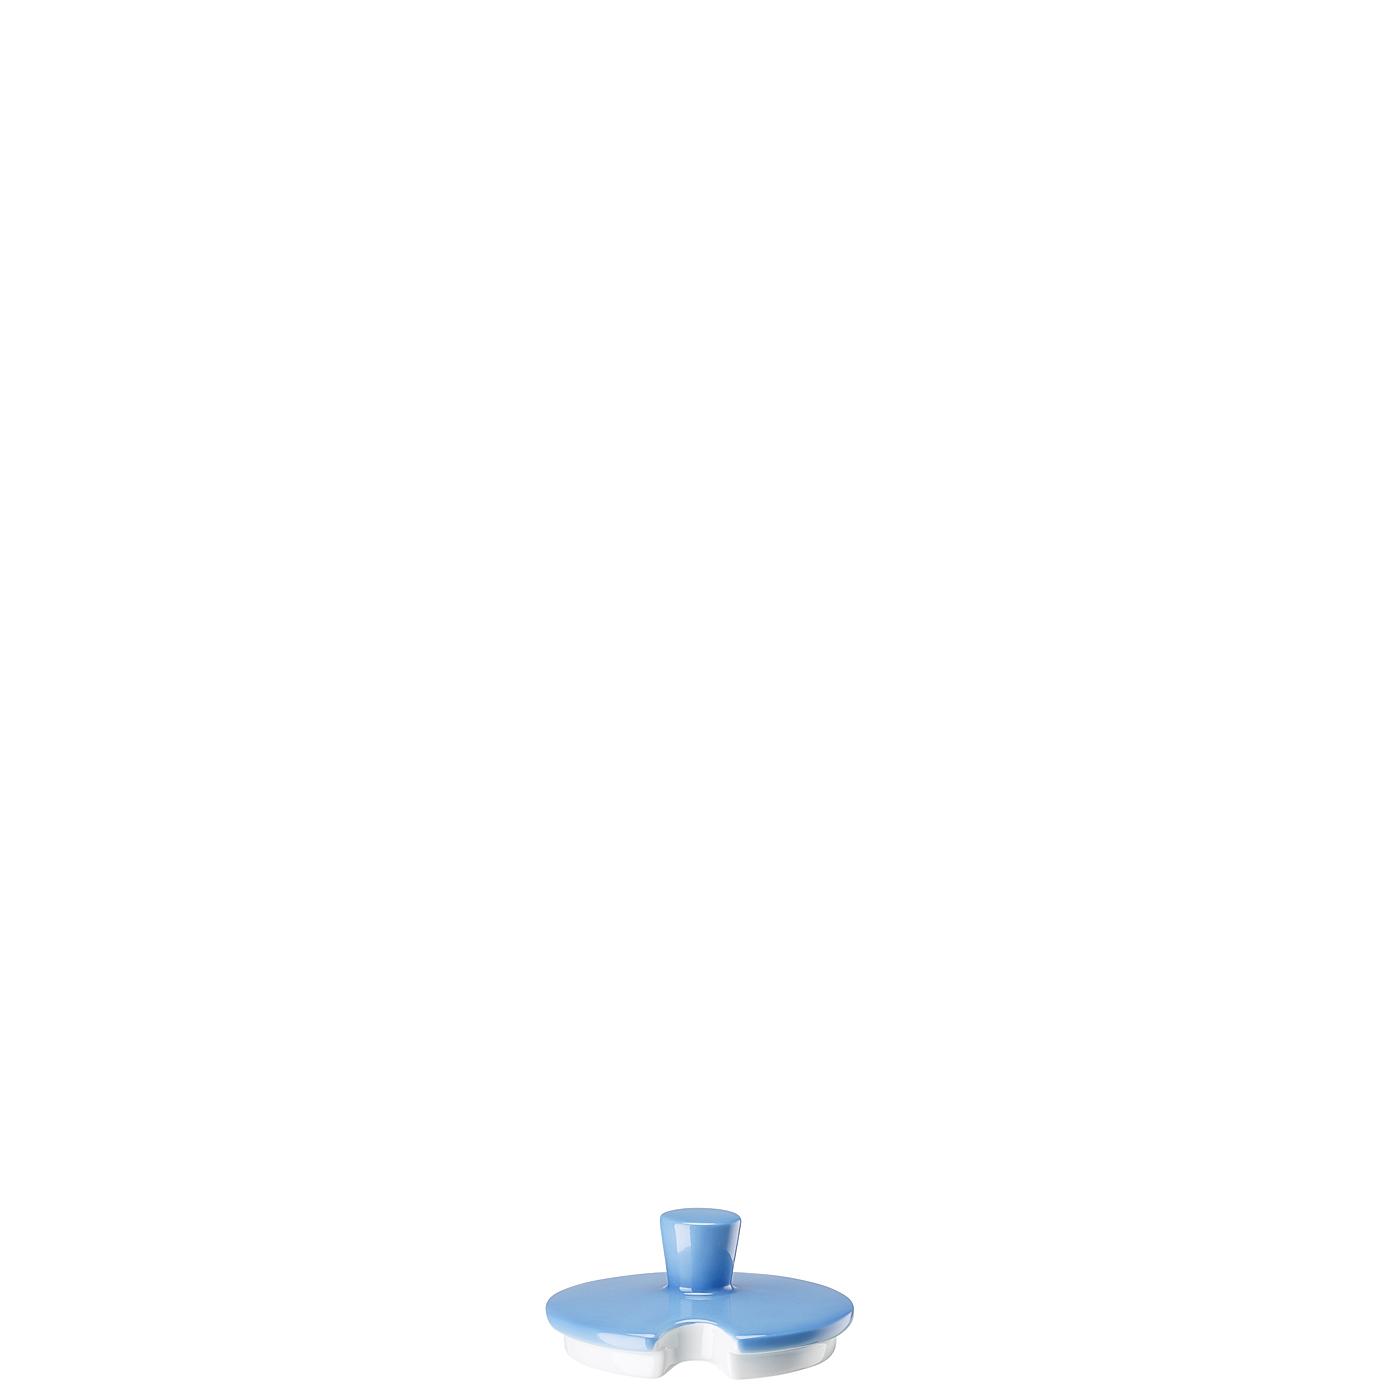 Zucker-/Marmeladendose 6 P. Deckel Tric Blau Arzberg